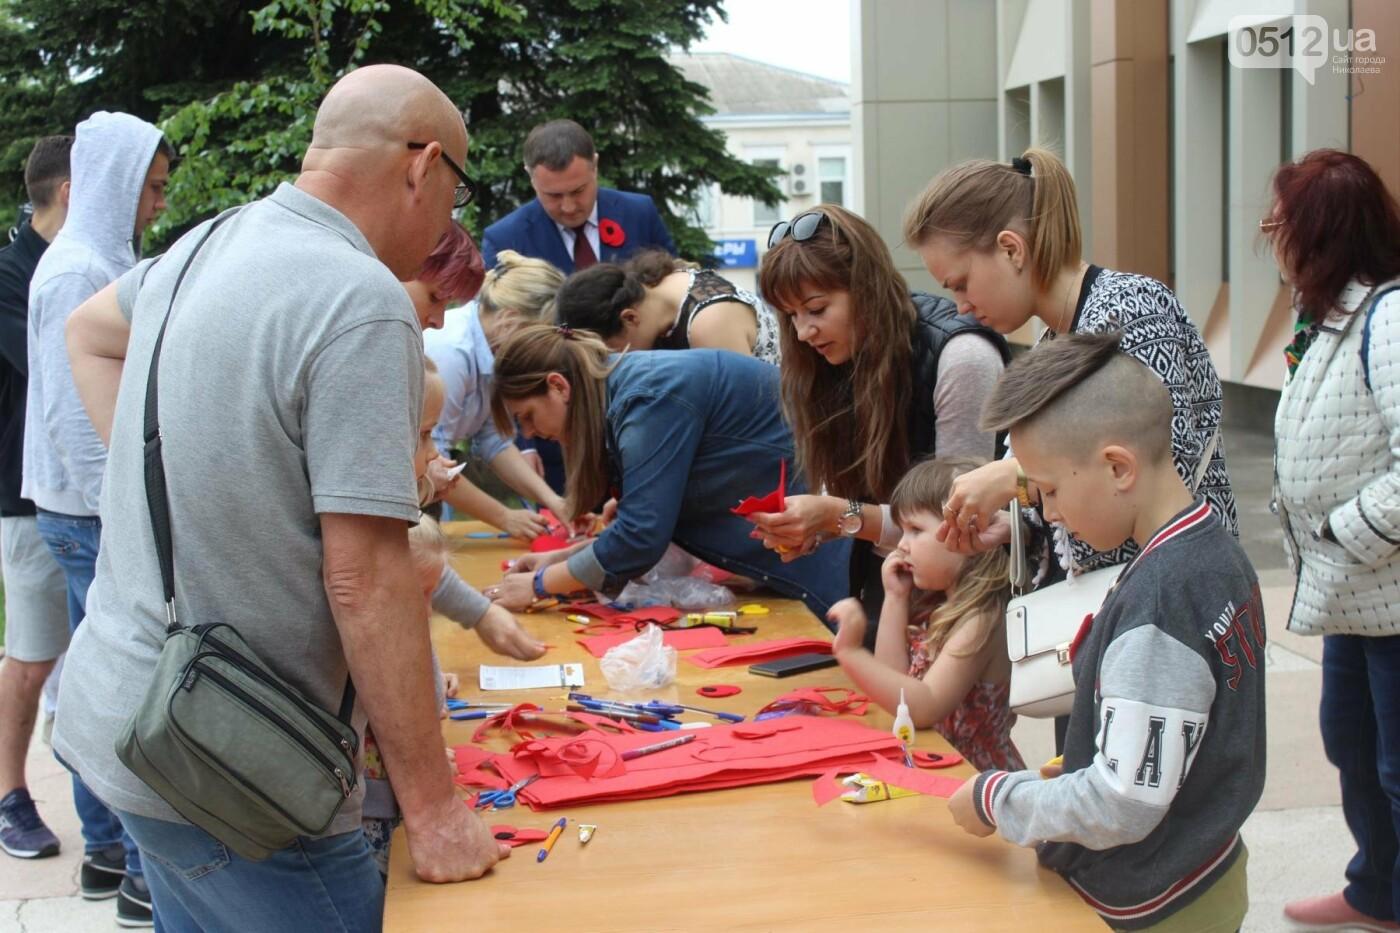 В Николаеве прошла акция по изготовлению маков, - ФОТО , фото-14